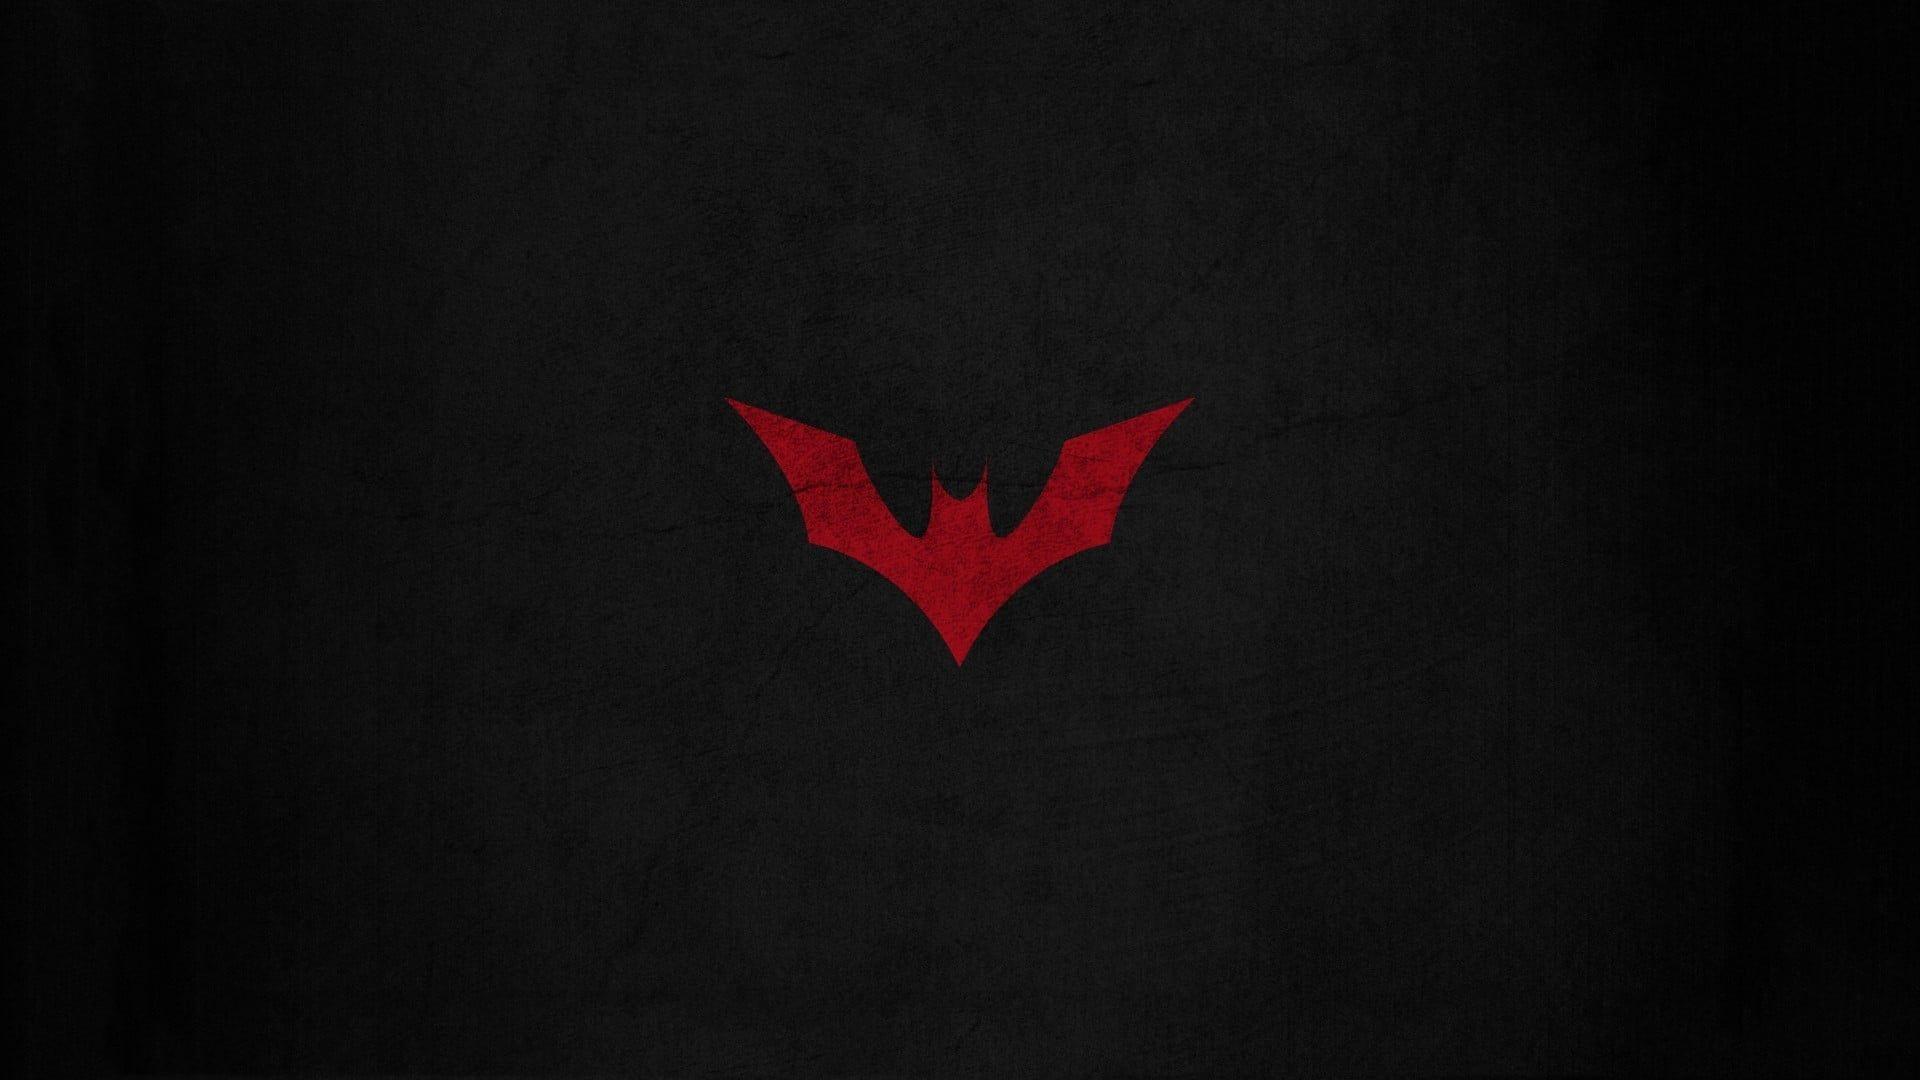 Red Batman Logo Batman Logo Dc Comics 1080p Wallpaper Hdwallpaper Desktop Batman Wallpaper Batman Wallpapers Hd Batman Wallpaper